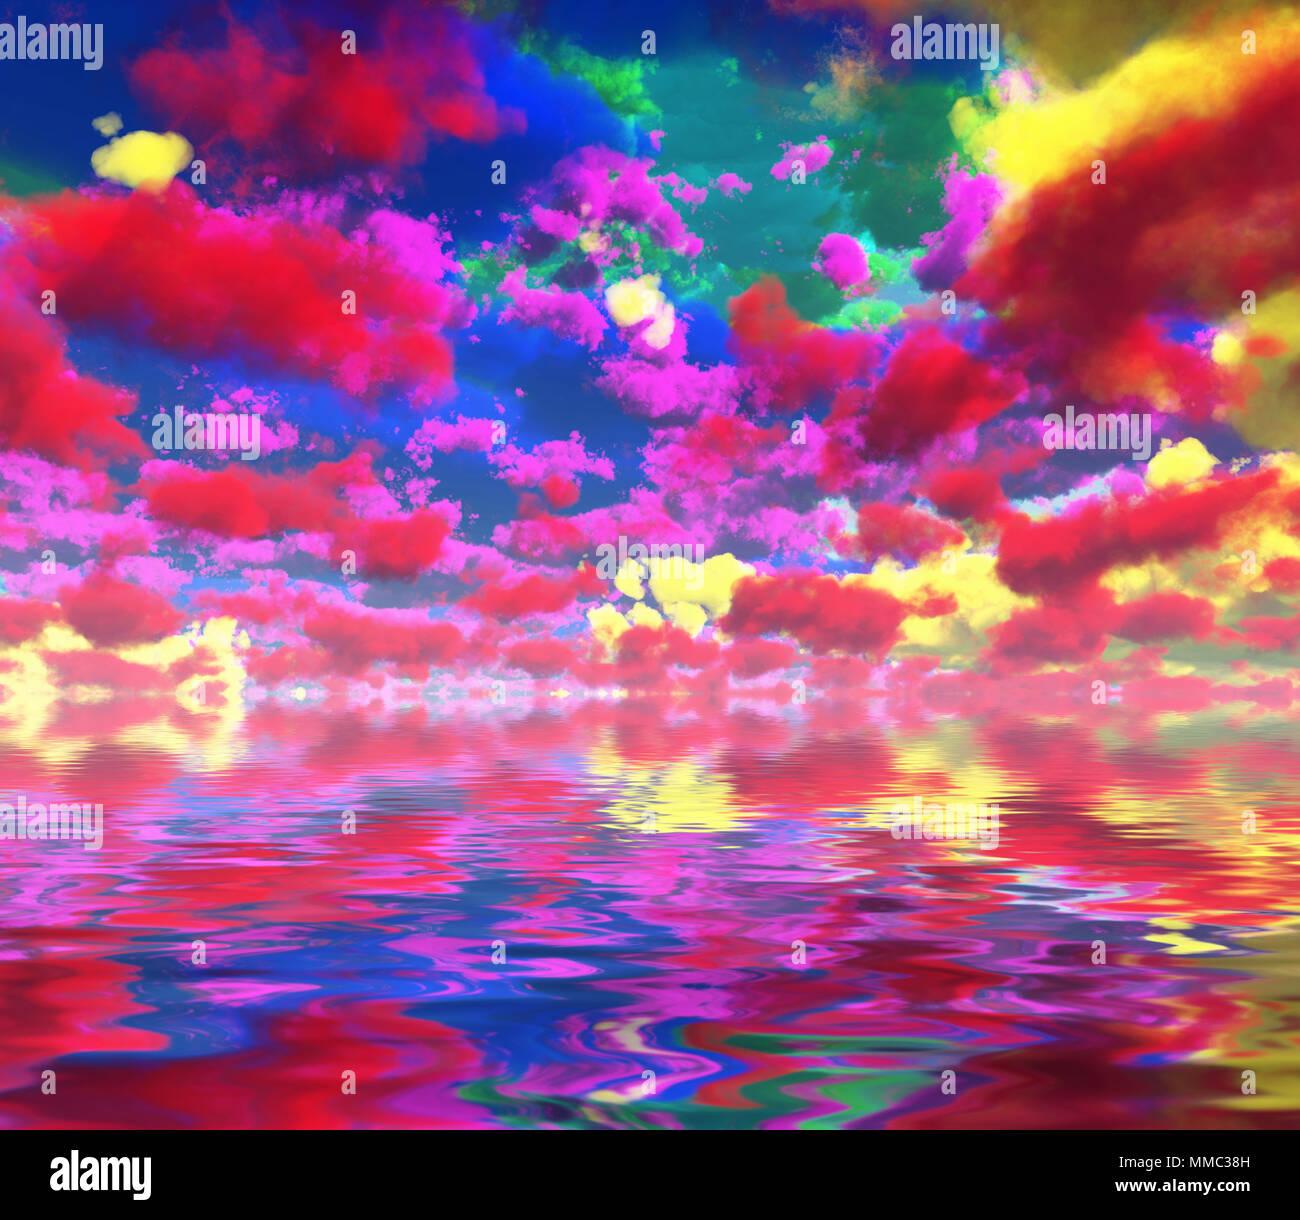 Arte digital surrealista las nubes de colores reflejados en el agua. Foto de stock